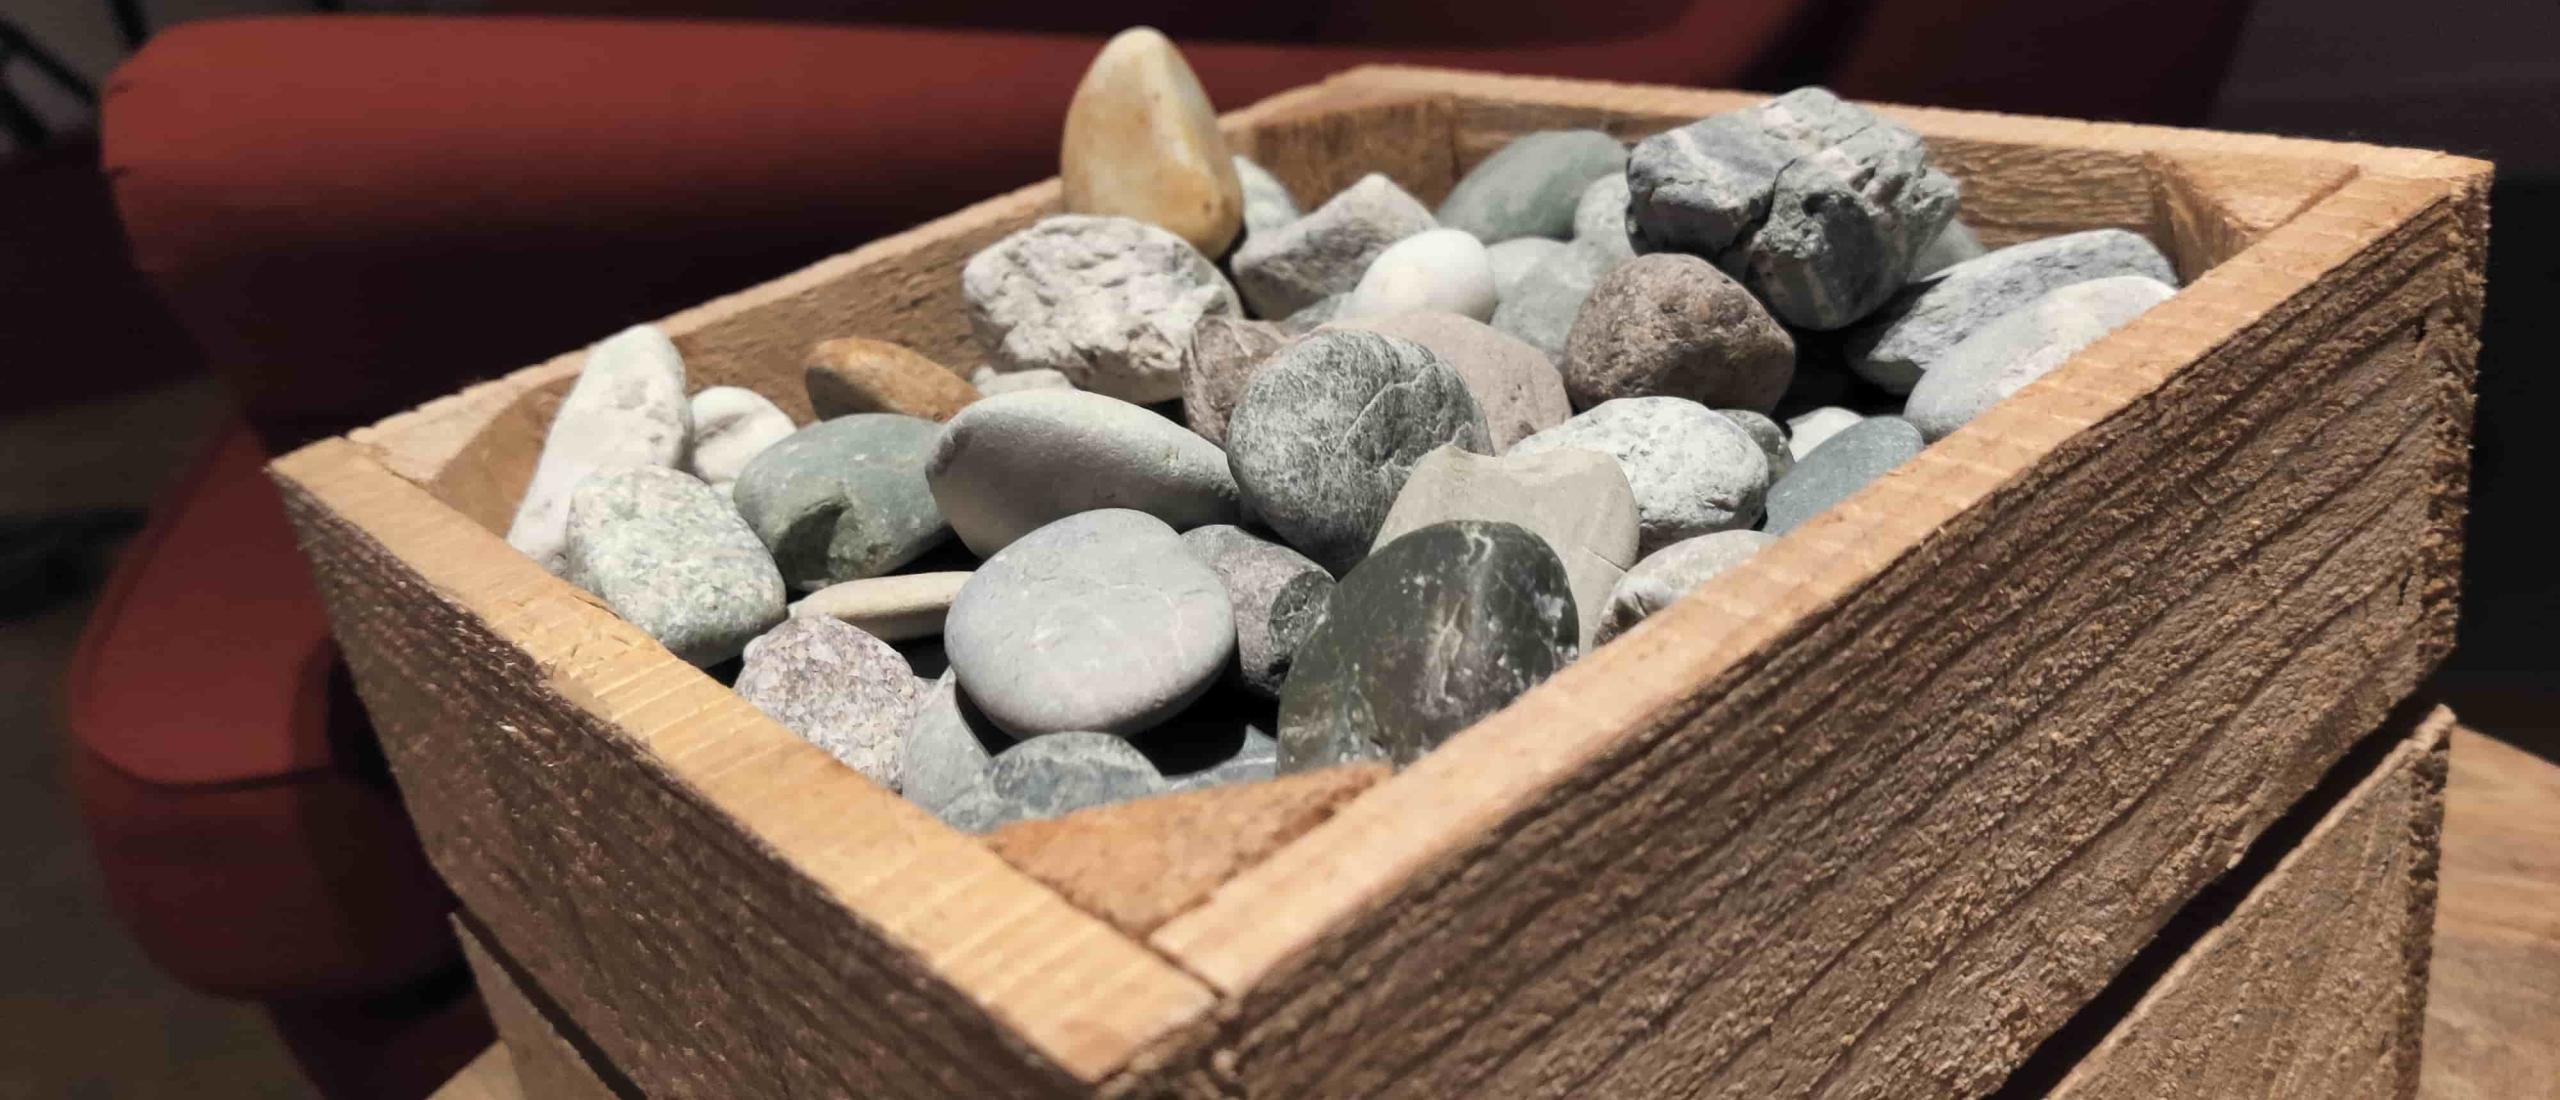 Focus op positiviteit in je leven: Steek een steen in je broek!